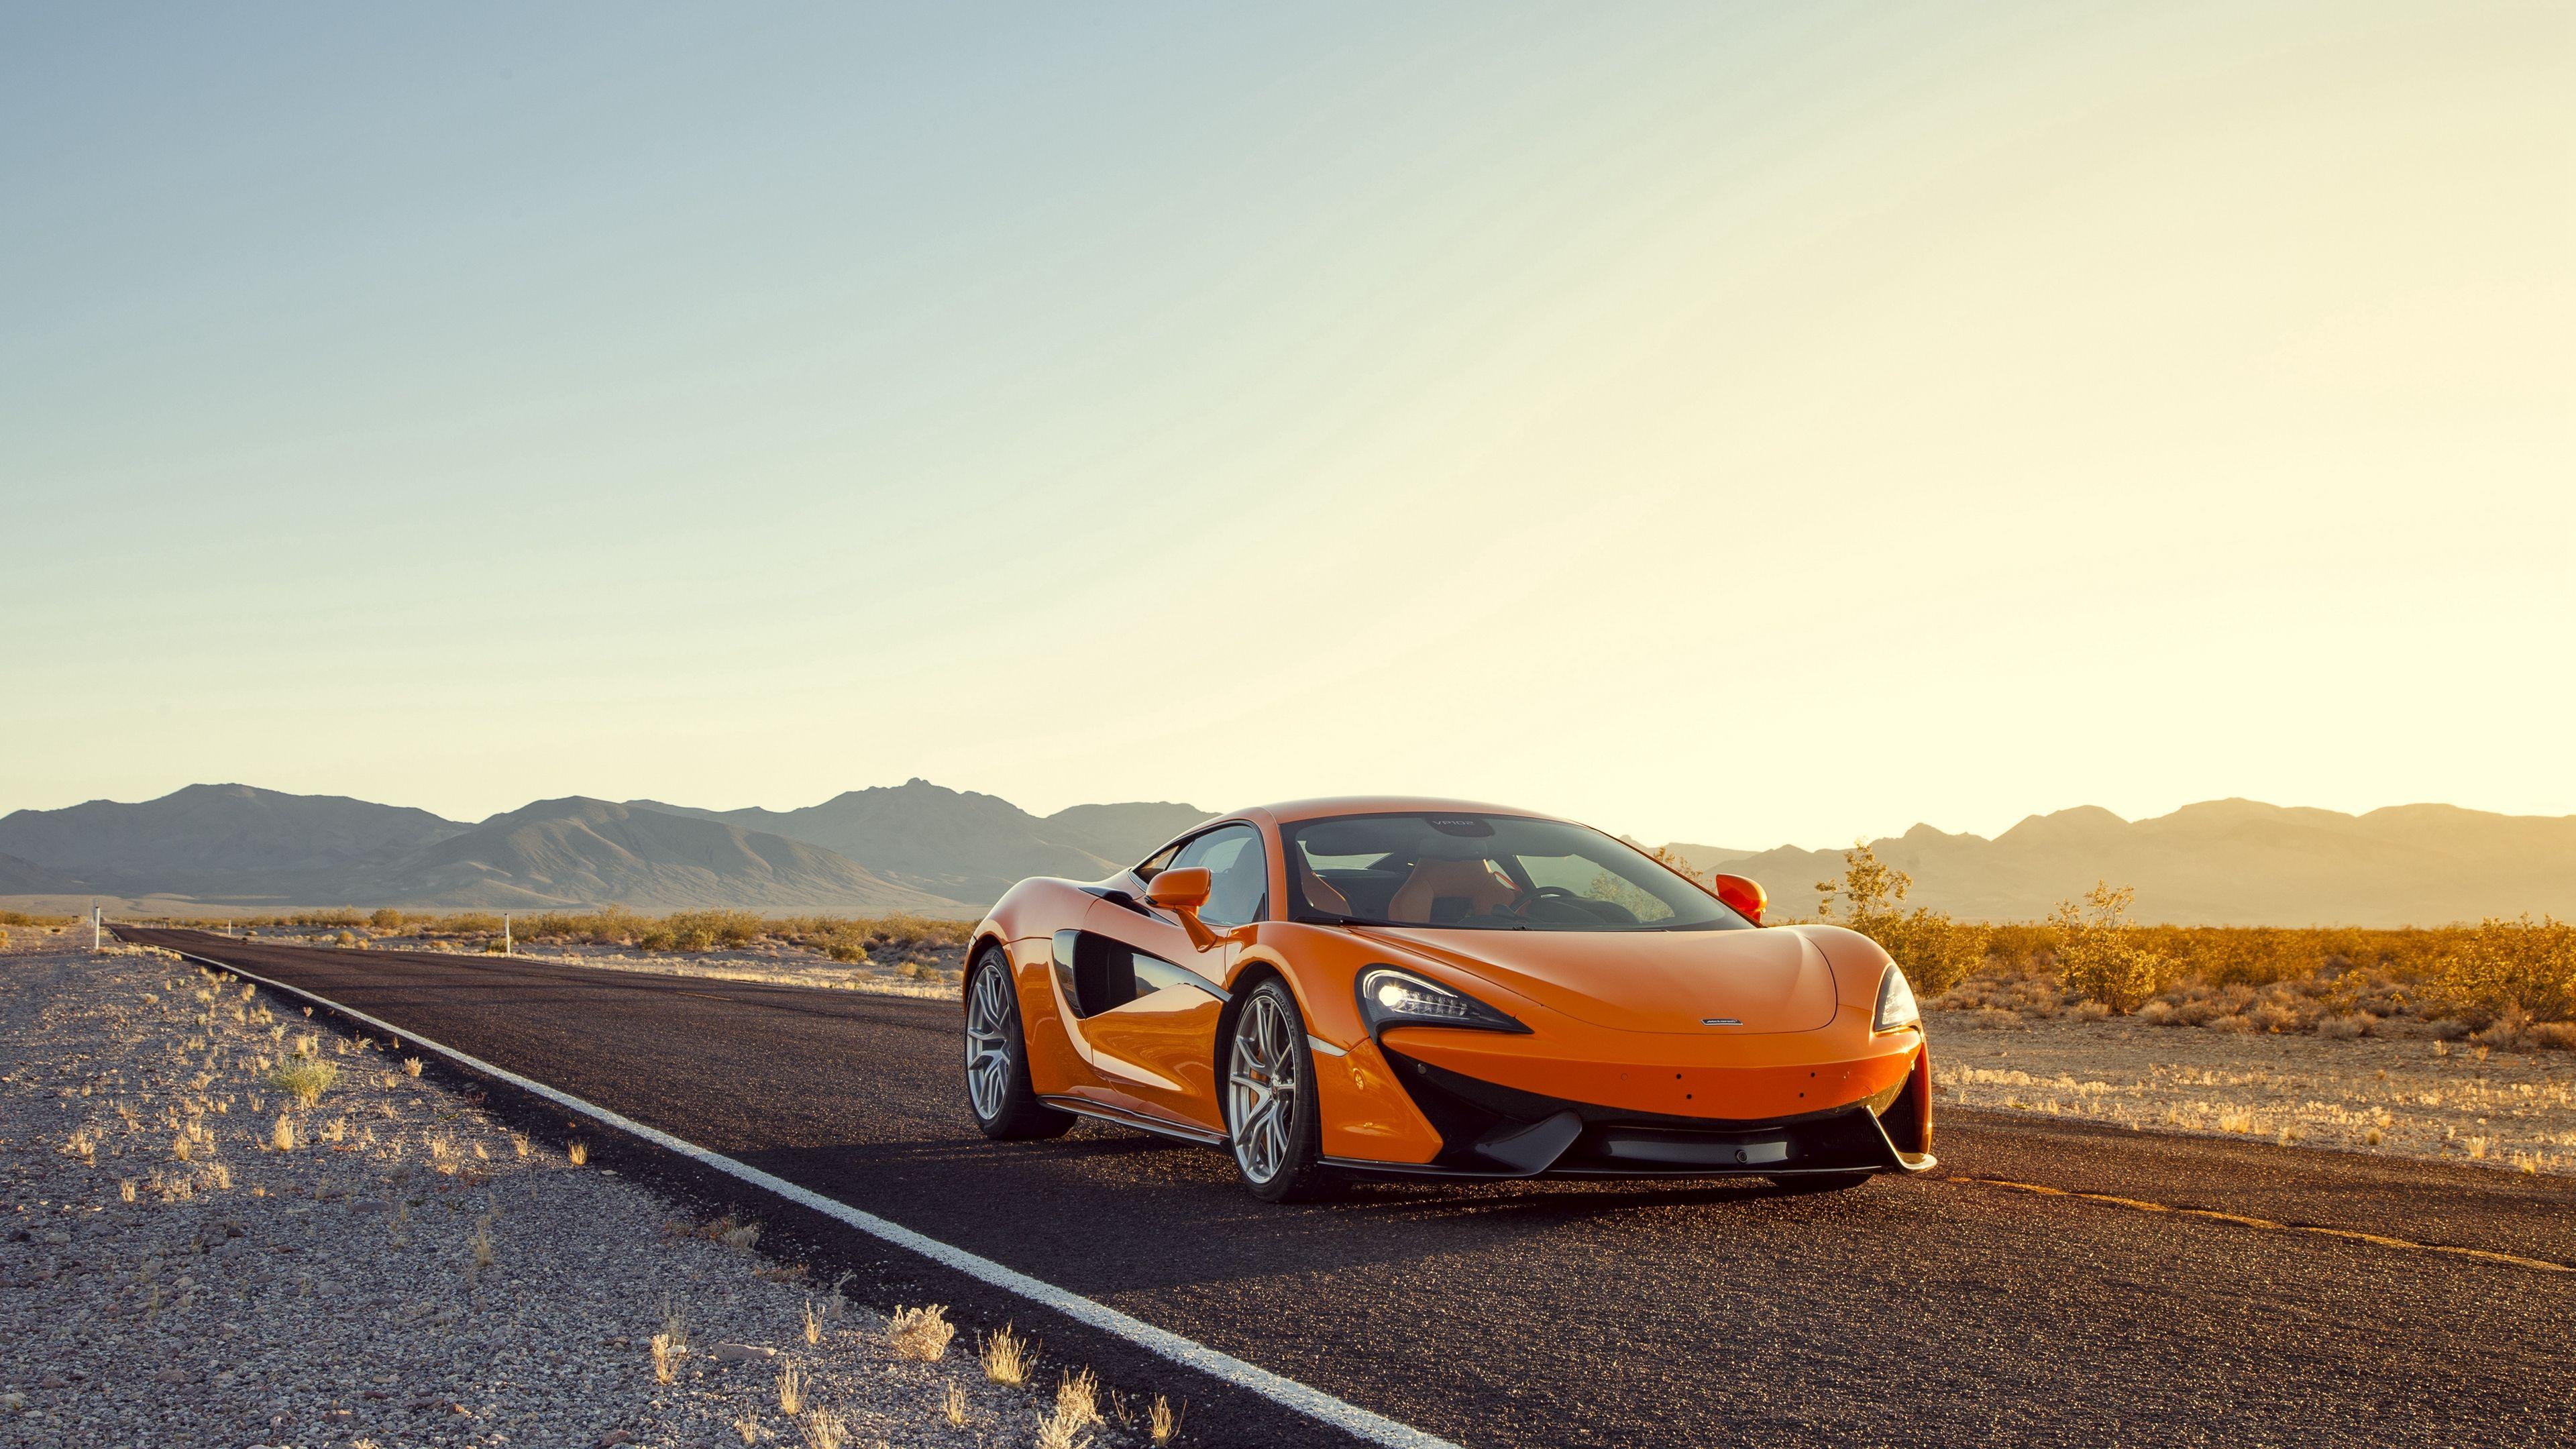 Mclaren 570s Sports Car Orange 4k Sports Car Orange Mclaren 570s Mclaren 570s Car Wallpapers Mclaren